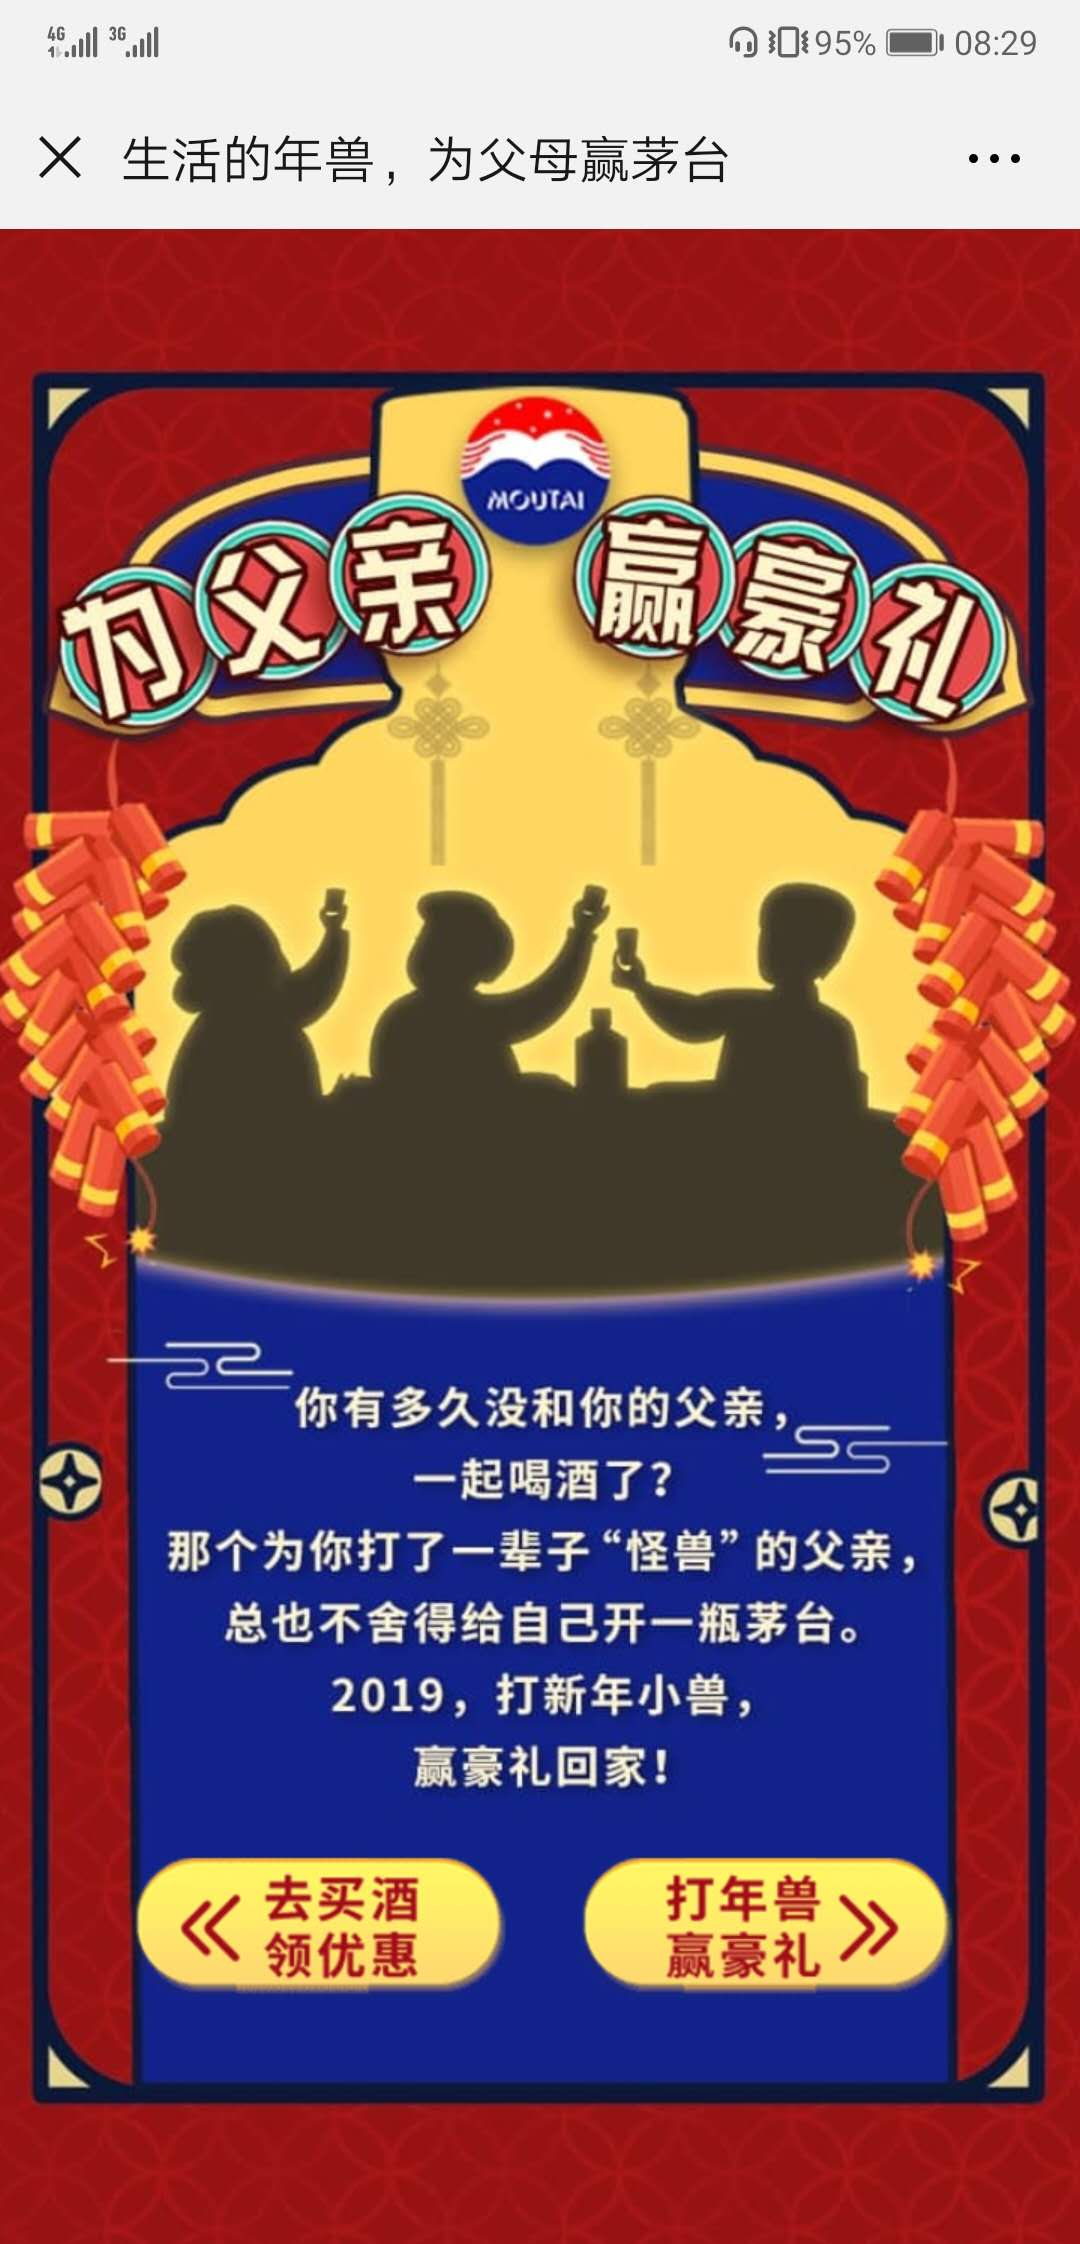 茅台的酒业微信朋友圈广告春节营销!